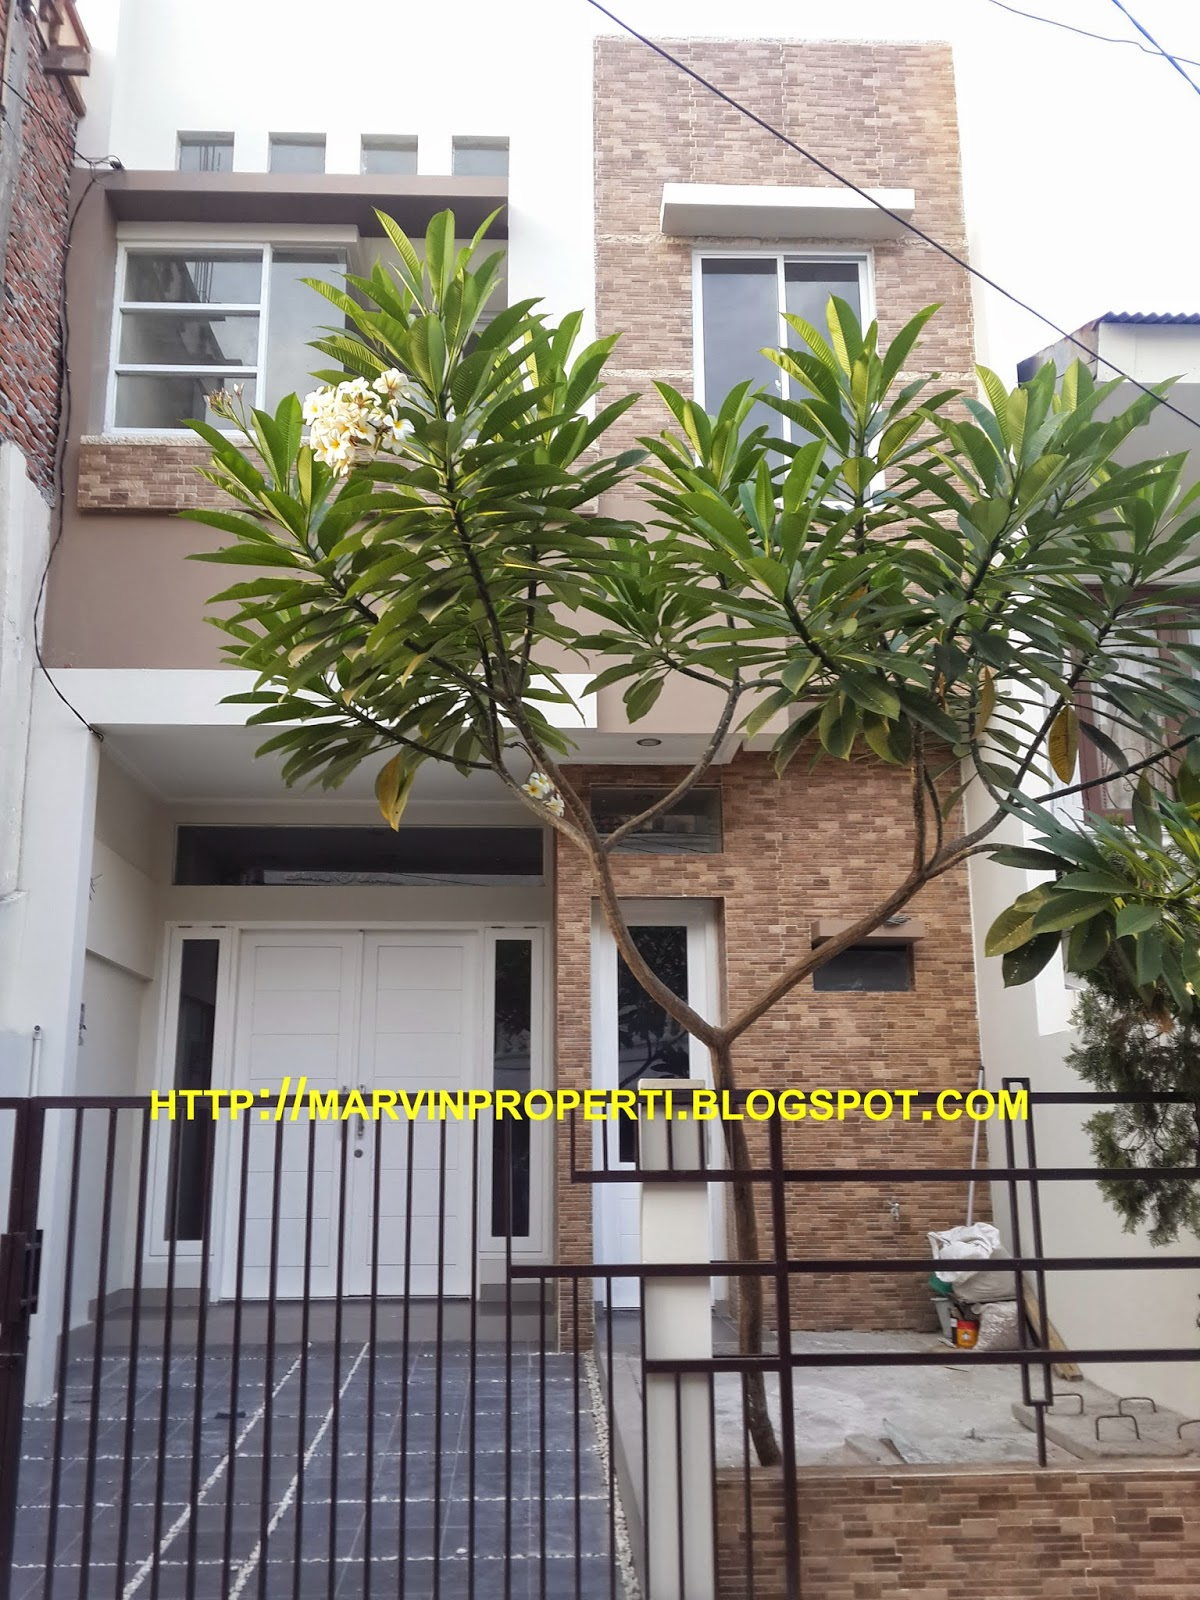 Rumah Dijual Sunter Karya Selatan 4 kamar tidur brand new tampak depan november 2014